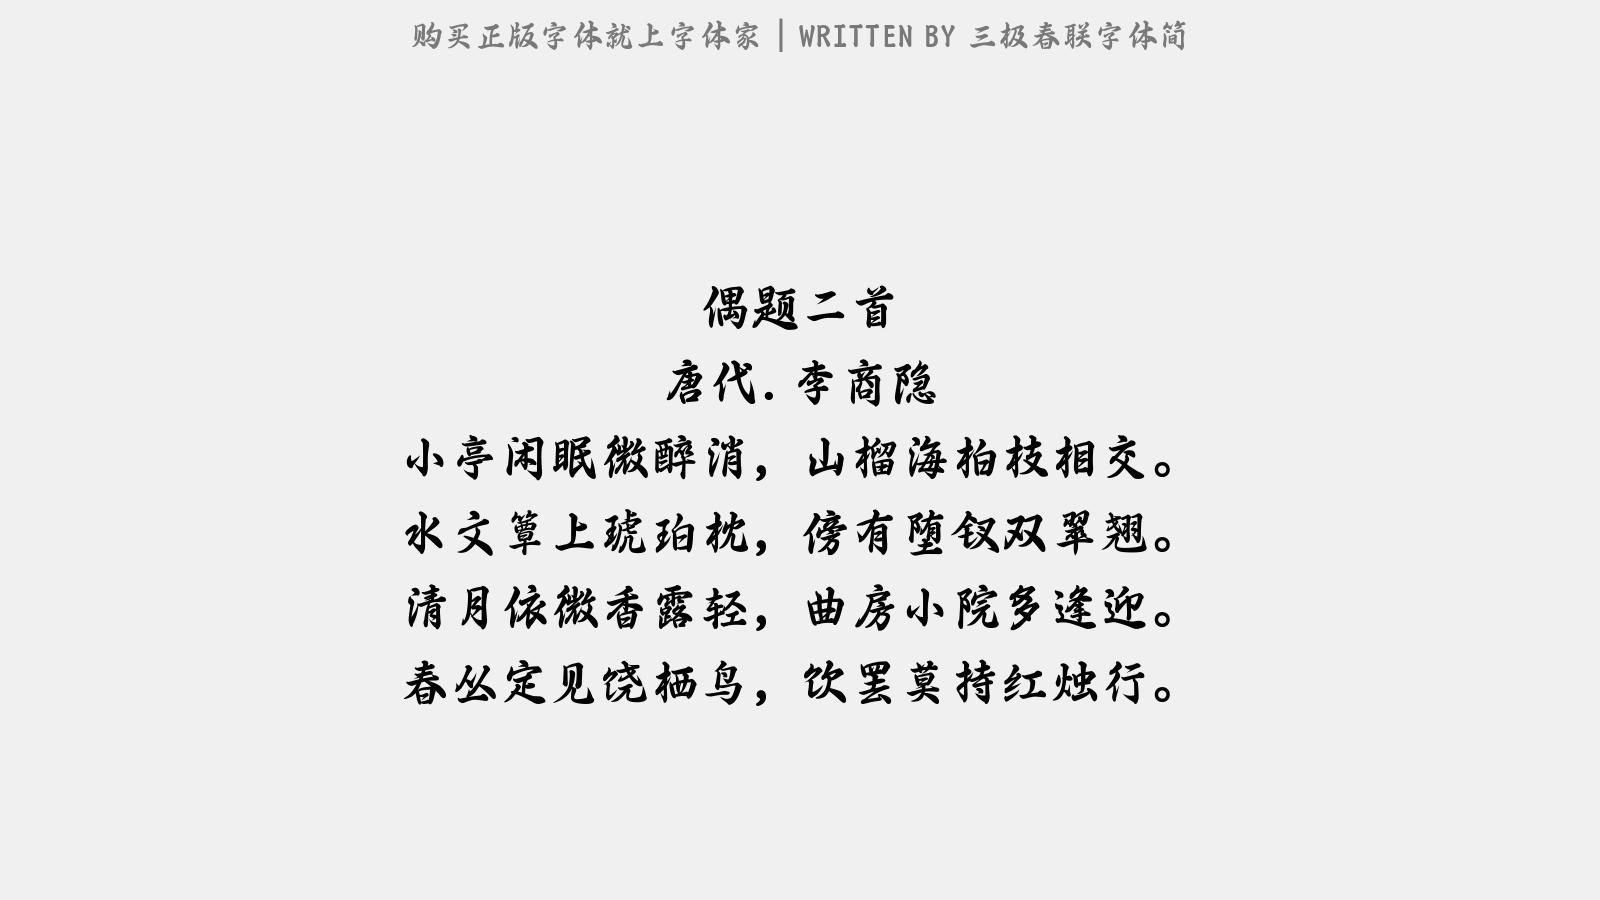 三極春聯字體簡 - 偶題二首